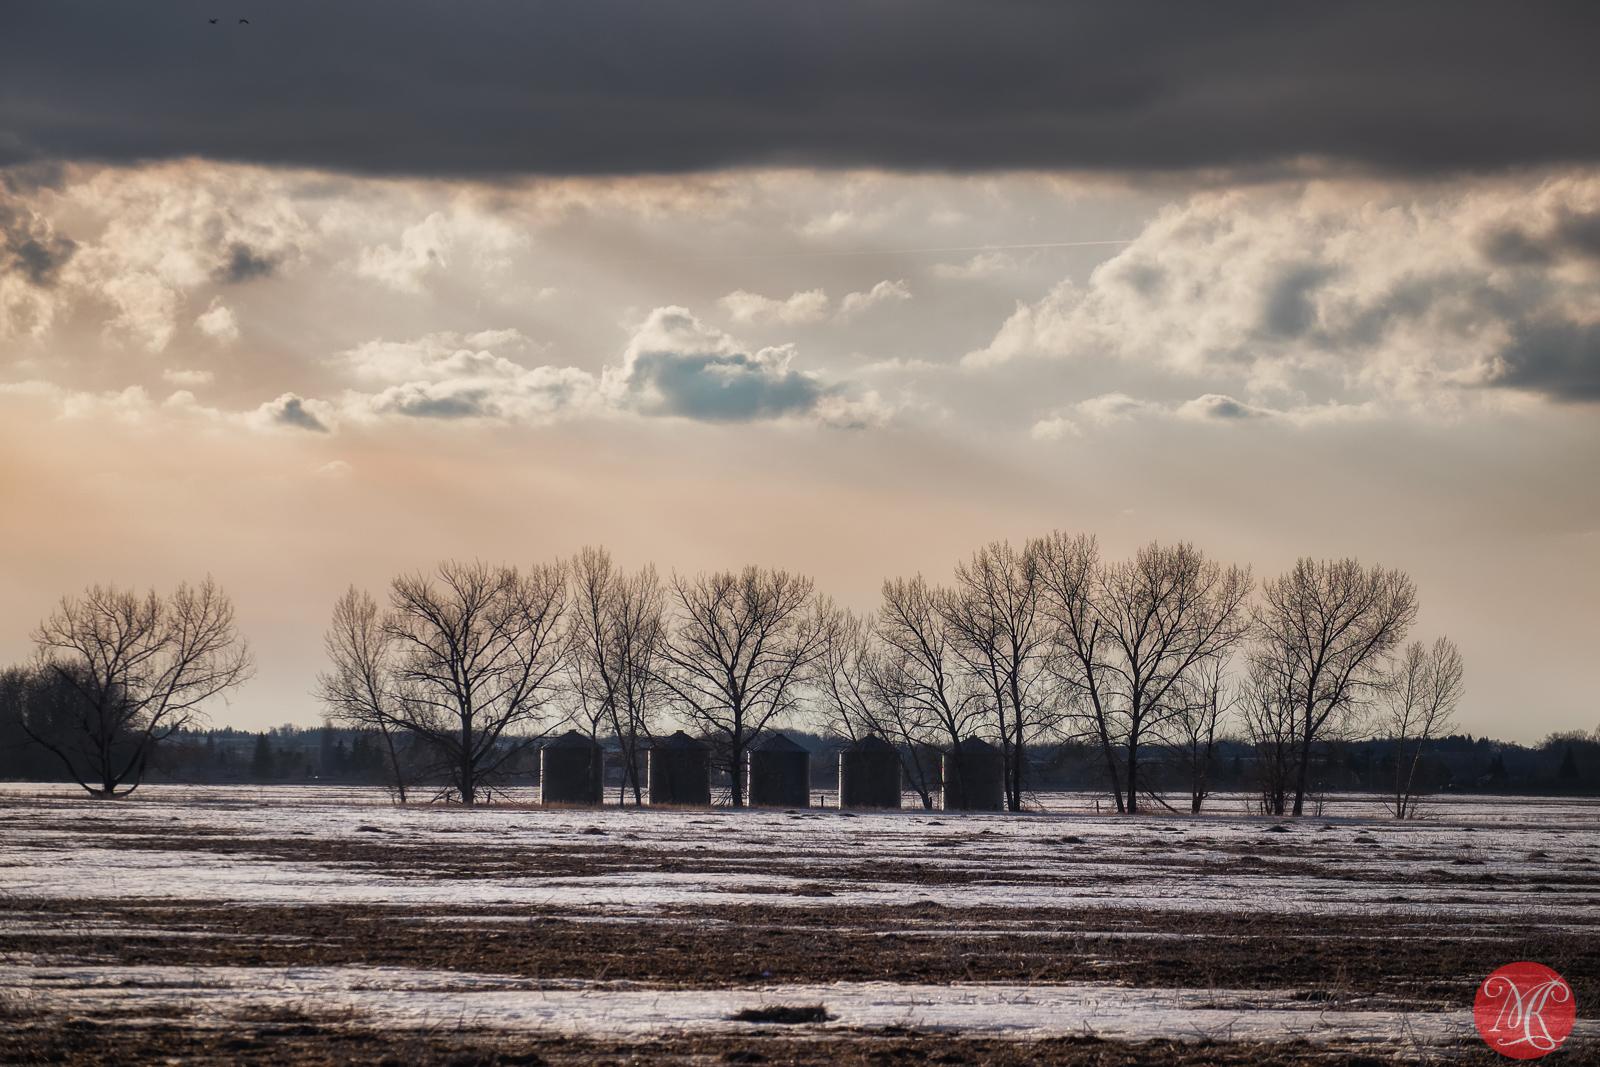 Afternoon on the prairies 2